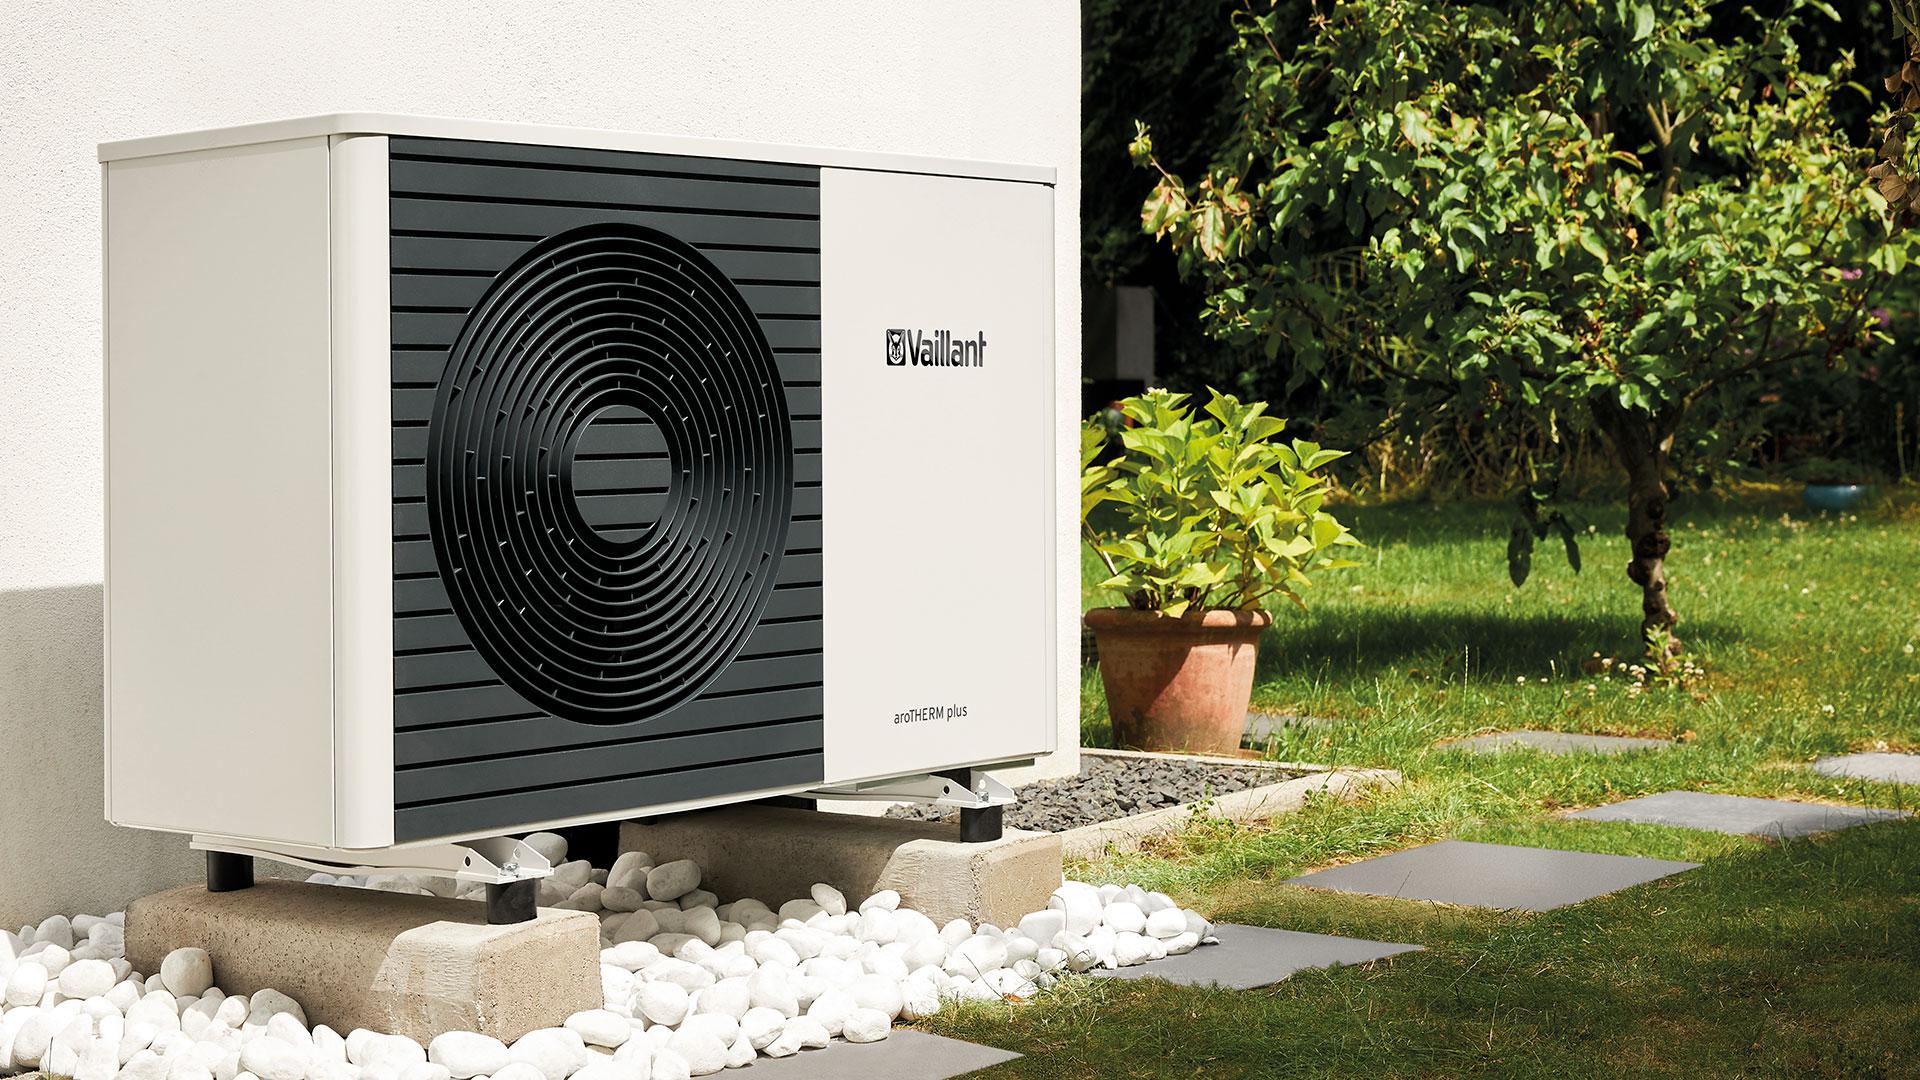 AroTHERM plus soveltuu rakennusten lämmitysjärjestelmien korvaamiseen